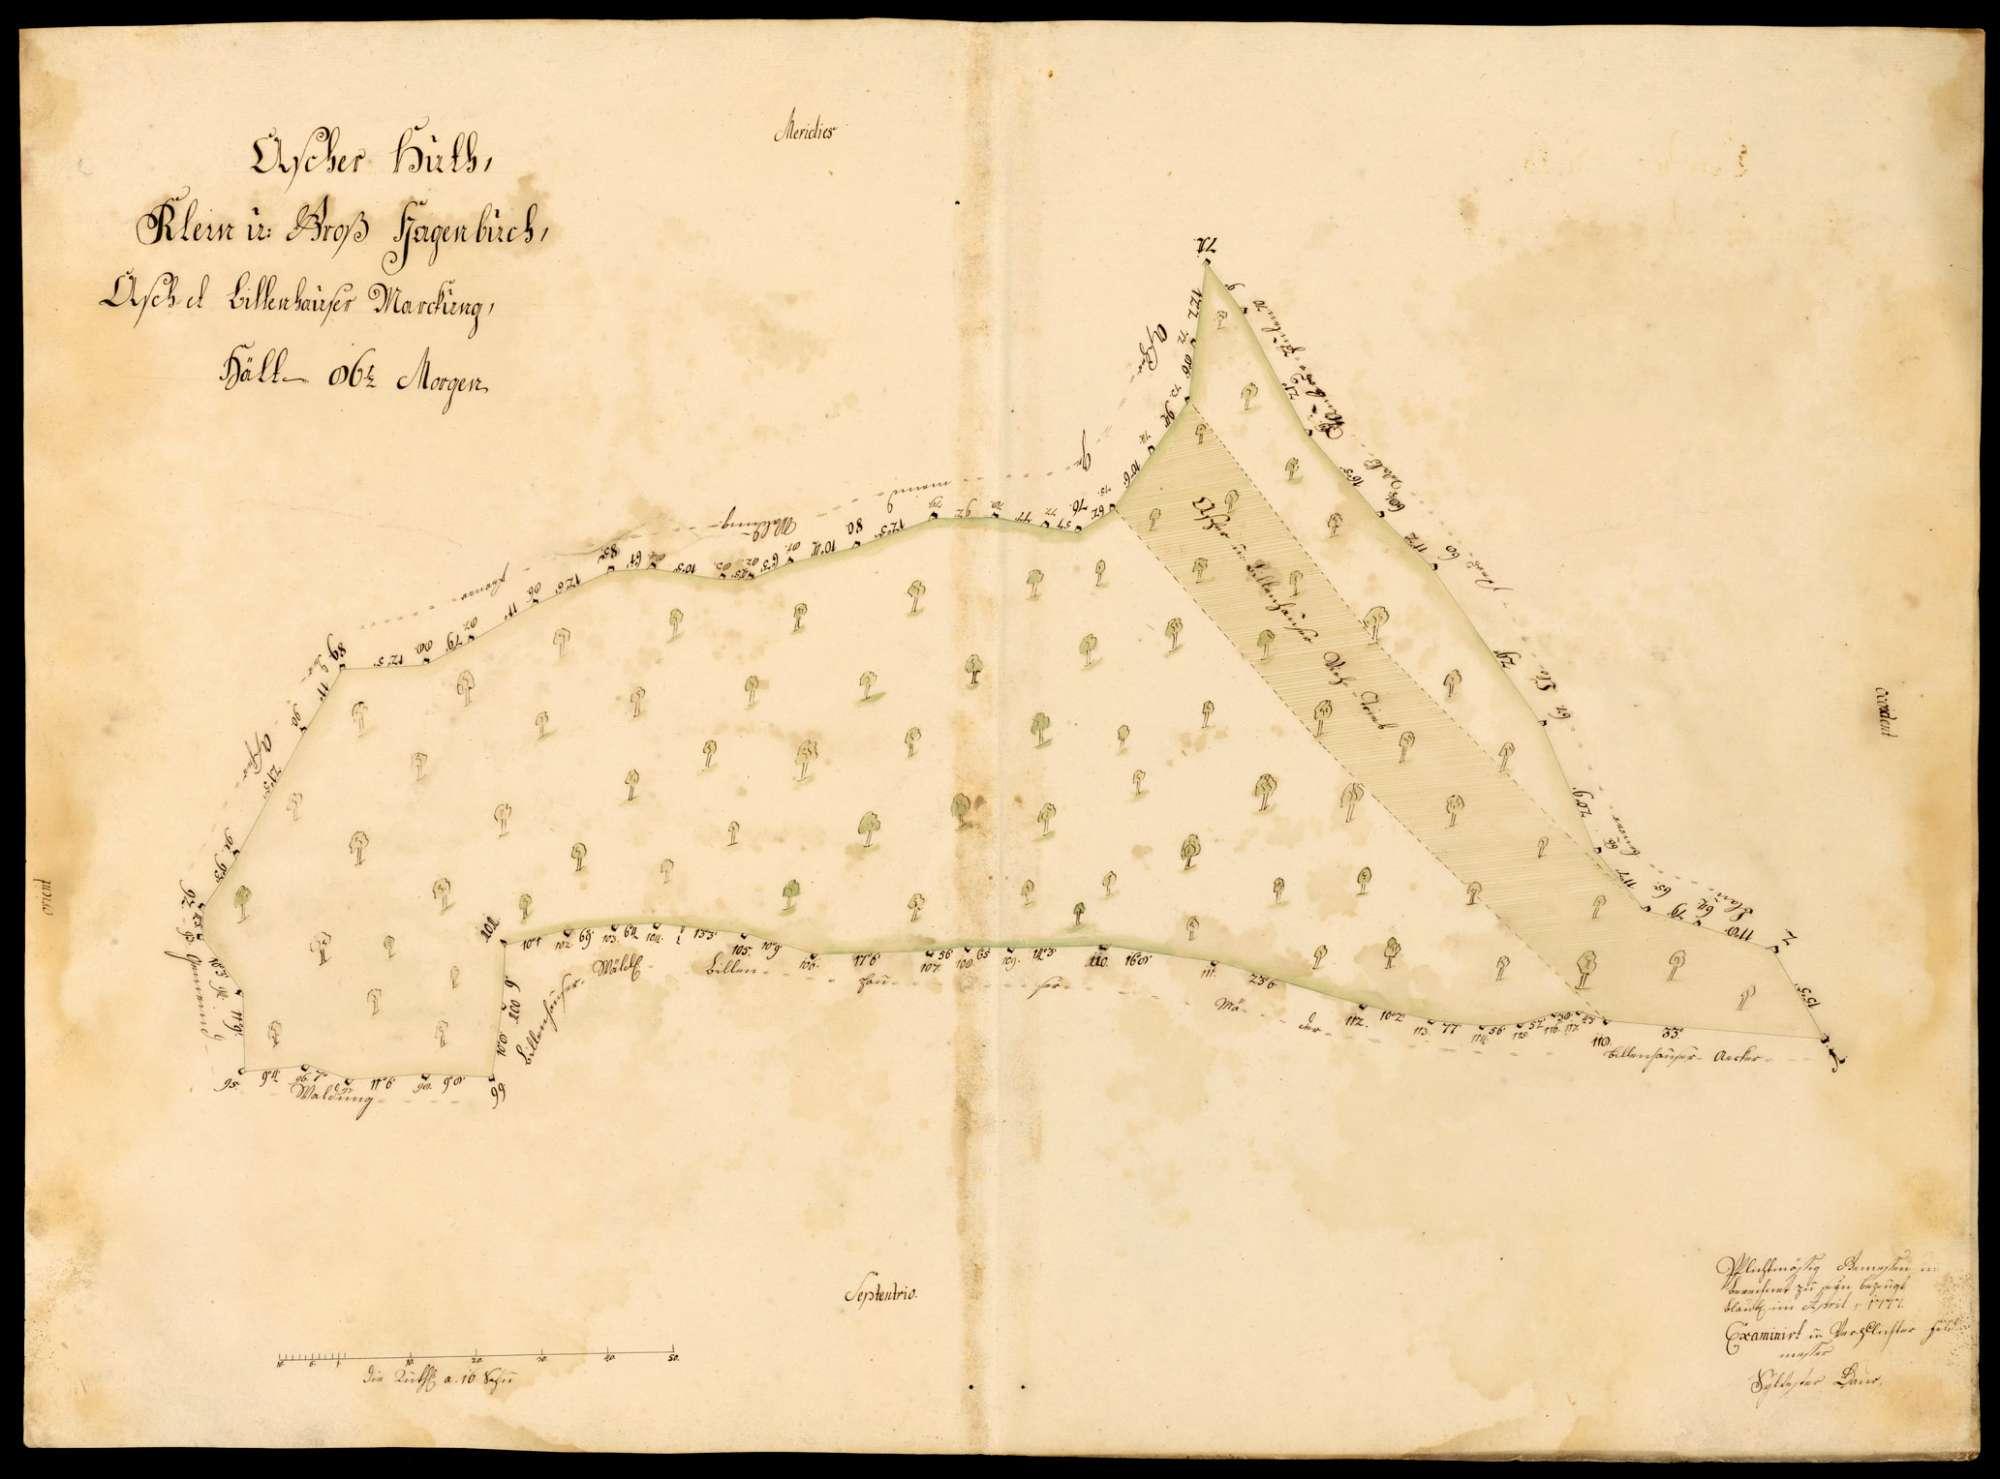 """[Kloster Blaubeuren:] """"Ascher Hut, Klein- und Großhagenbuch, Ascher und Bühlenhauser Markung"""", Bild 1"""